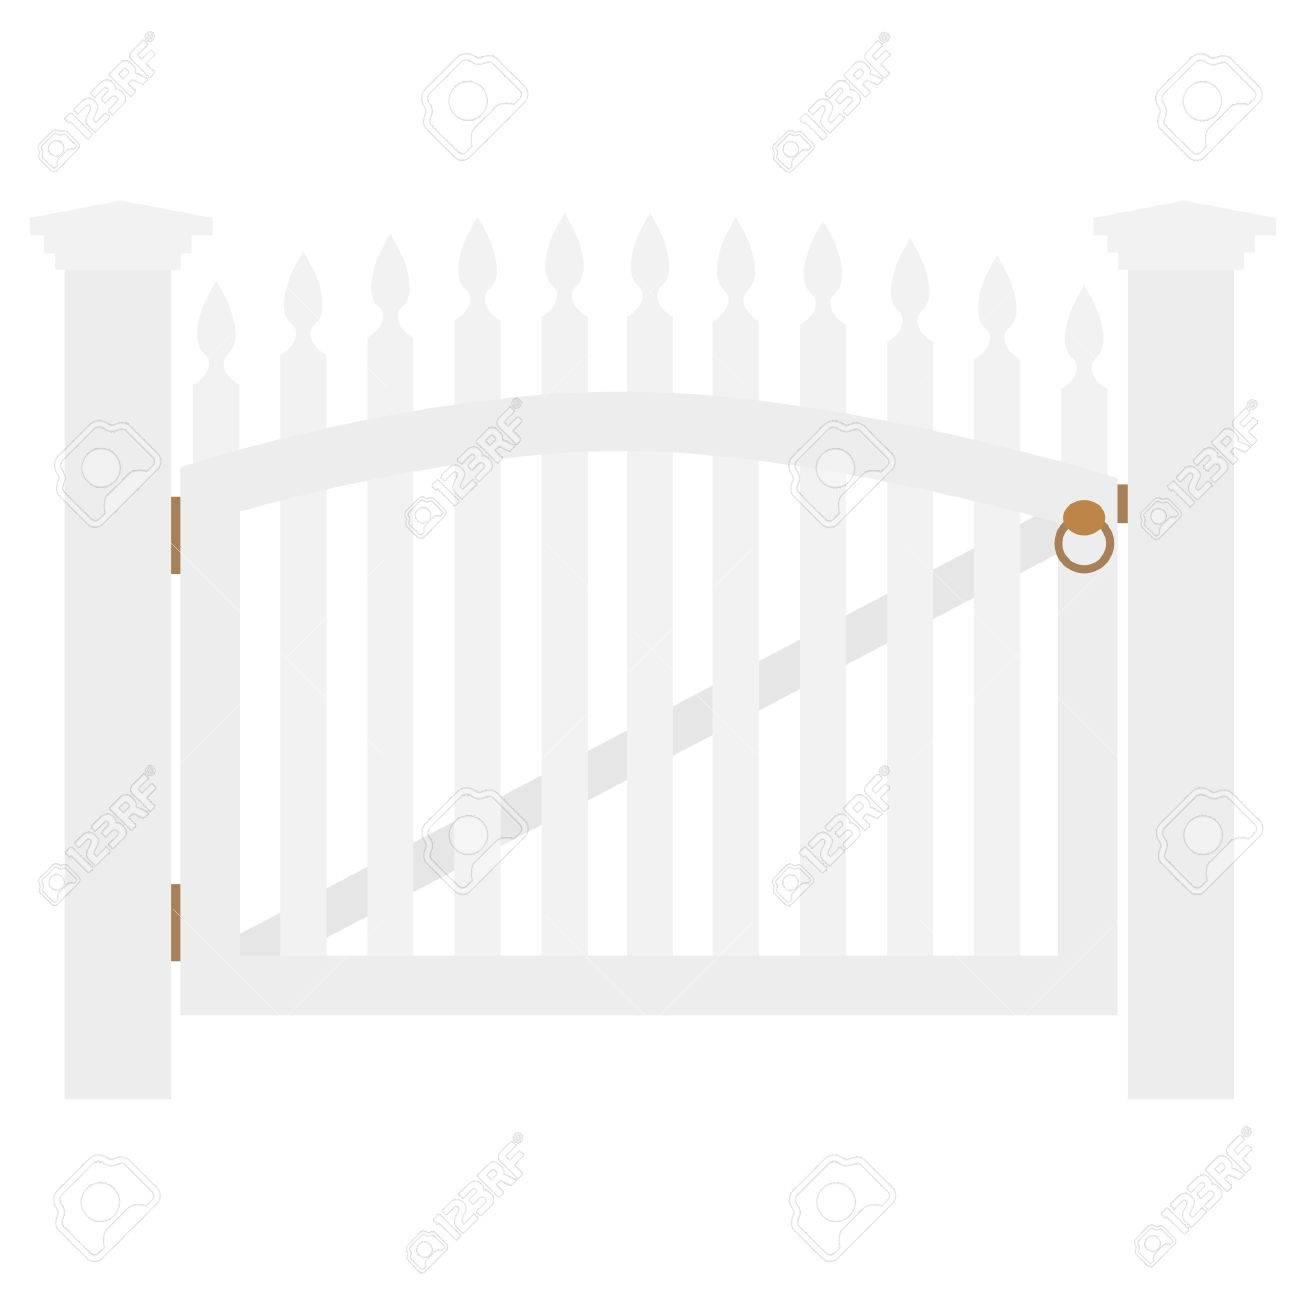 Weiss Holzzaun Und Geschlossenen Gartentor Mit Goldenem Griff